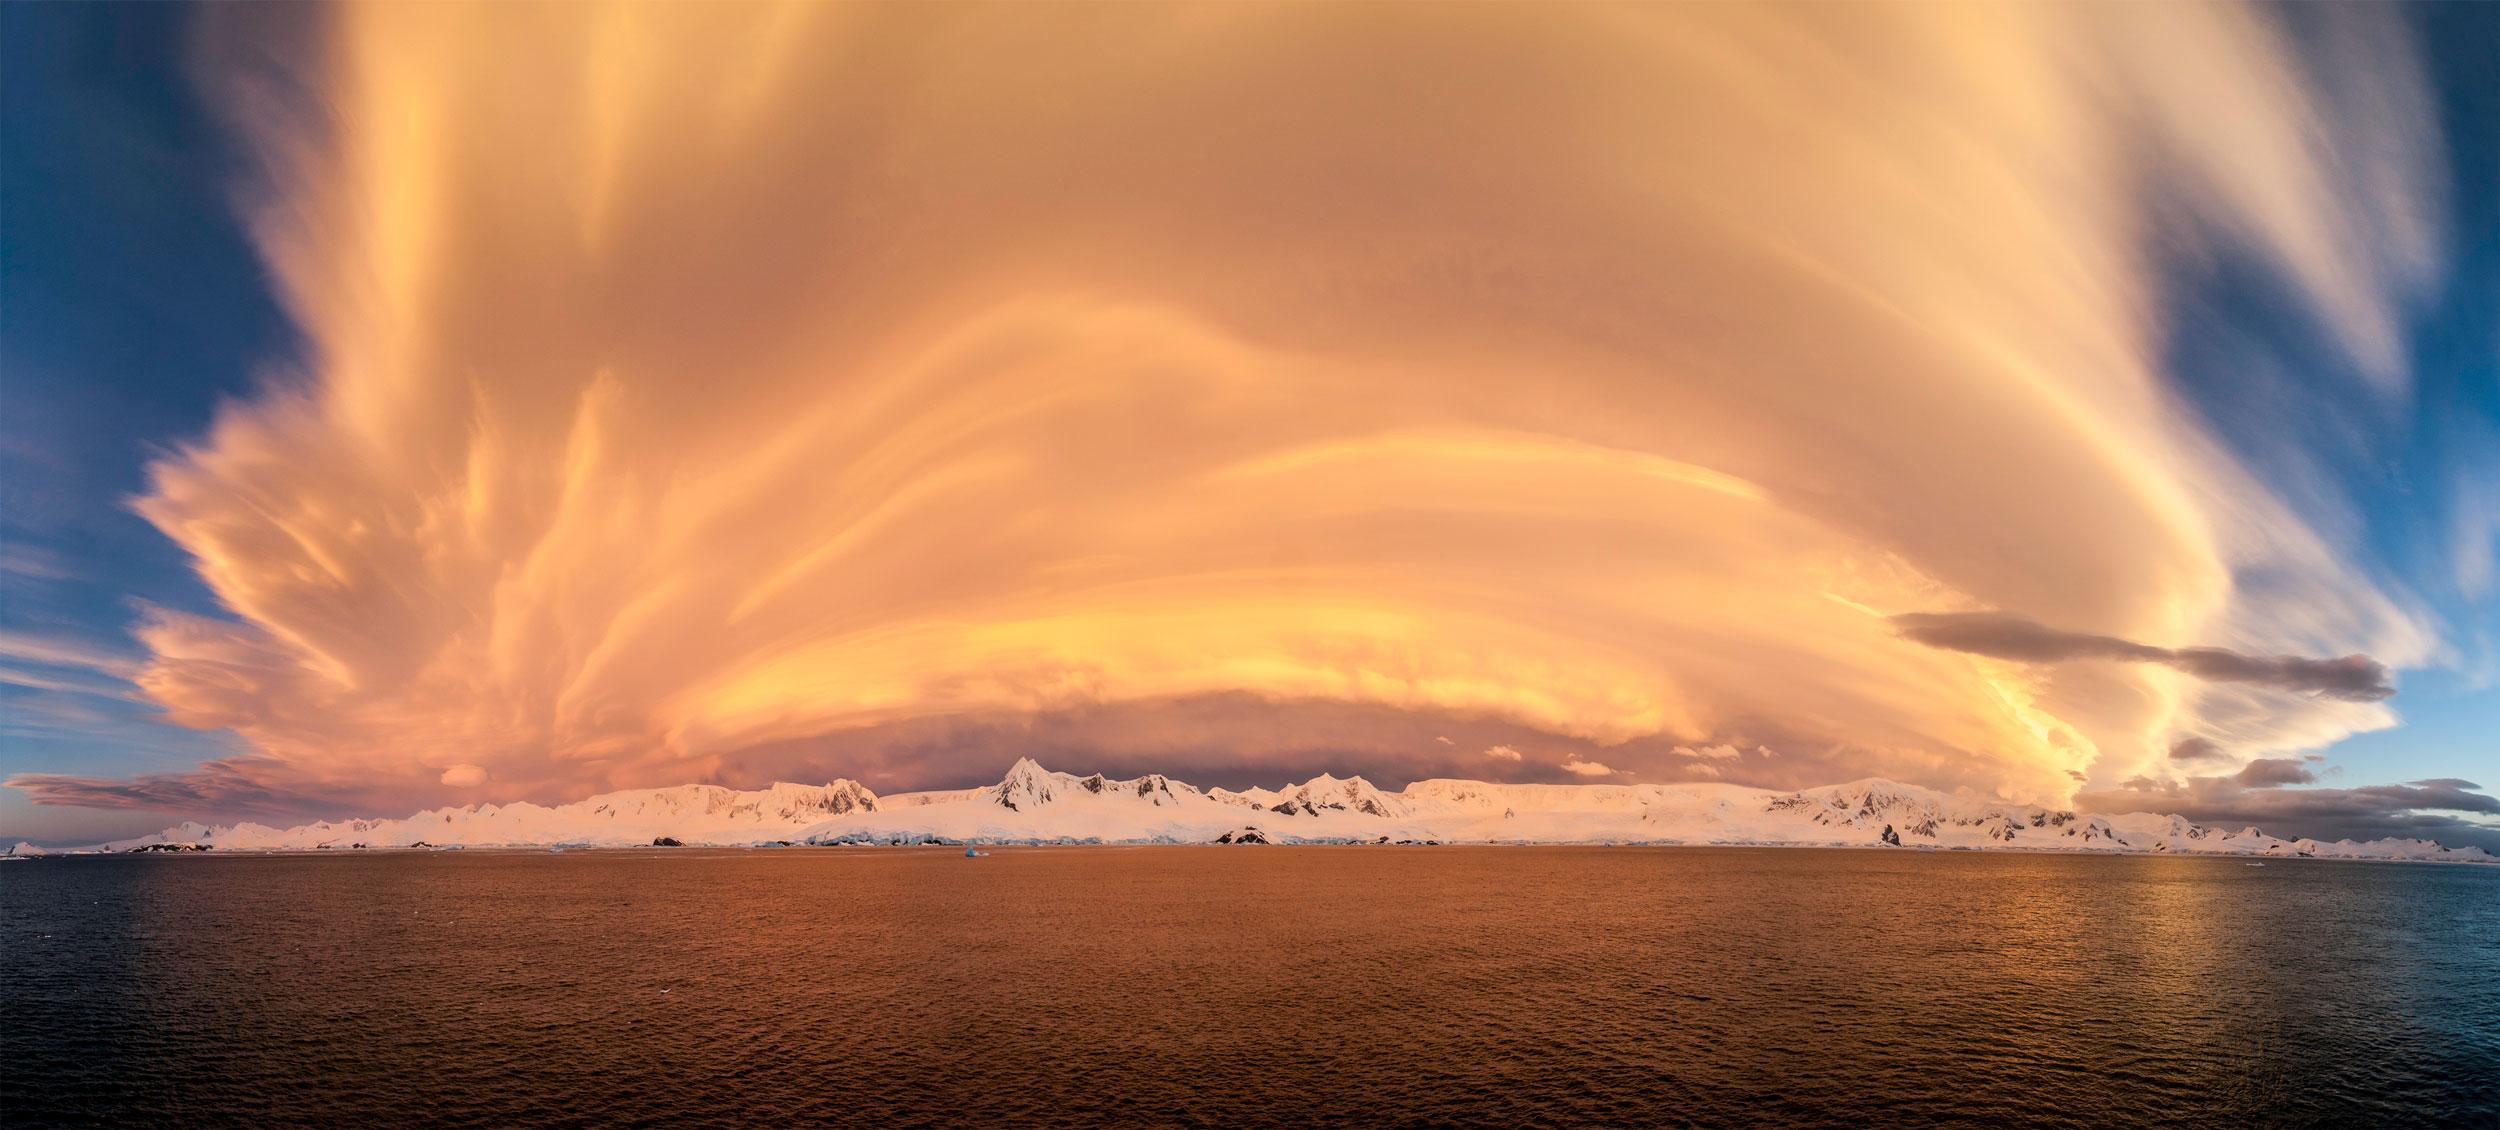 Gerlache-sunset3.jpg